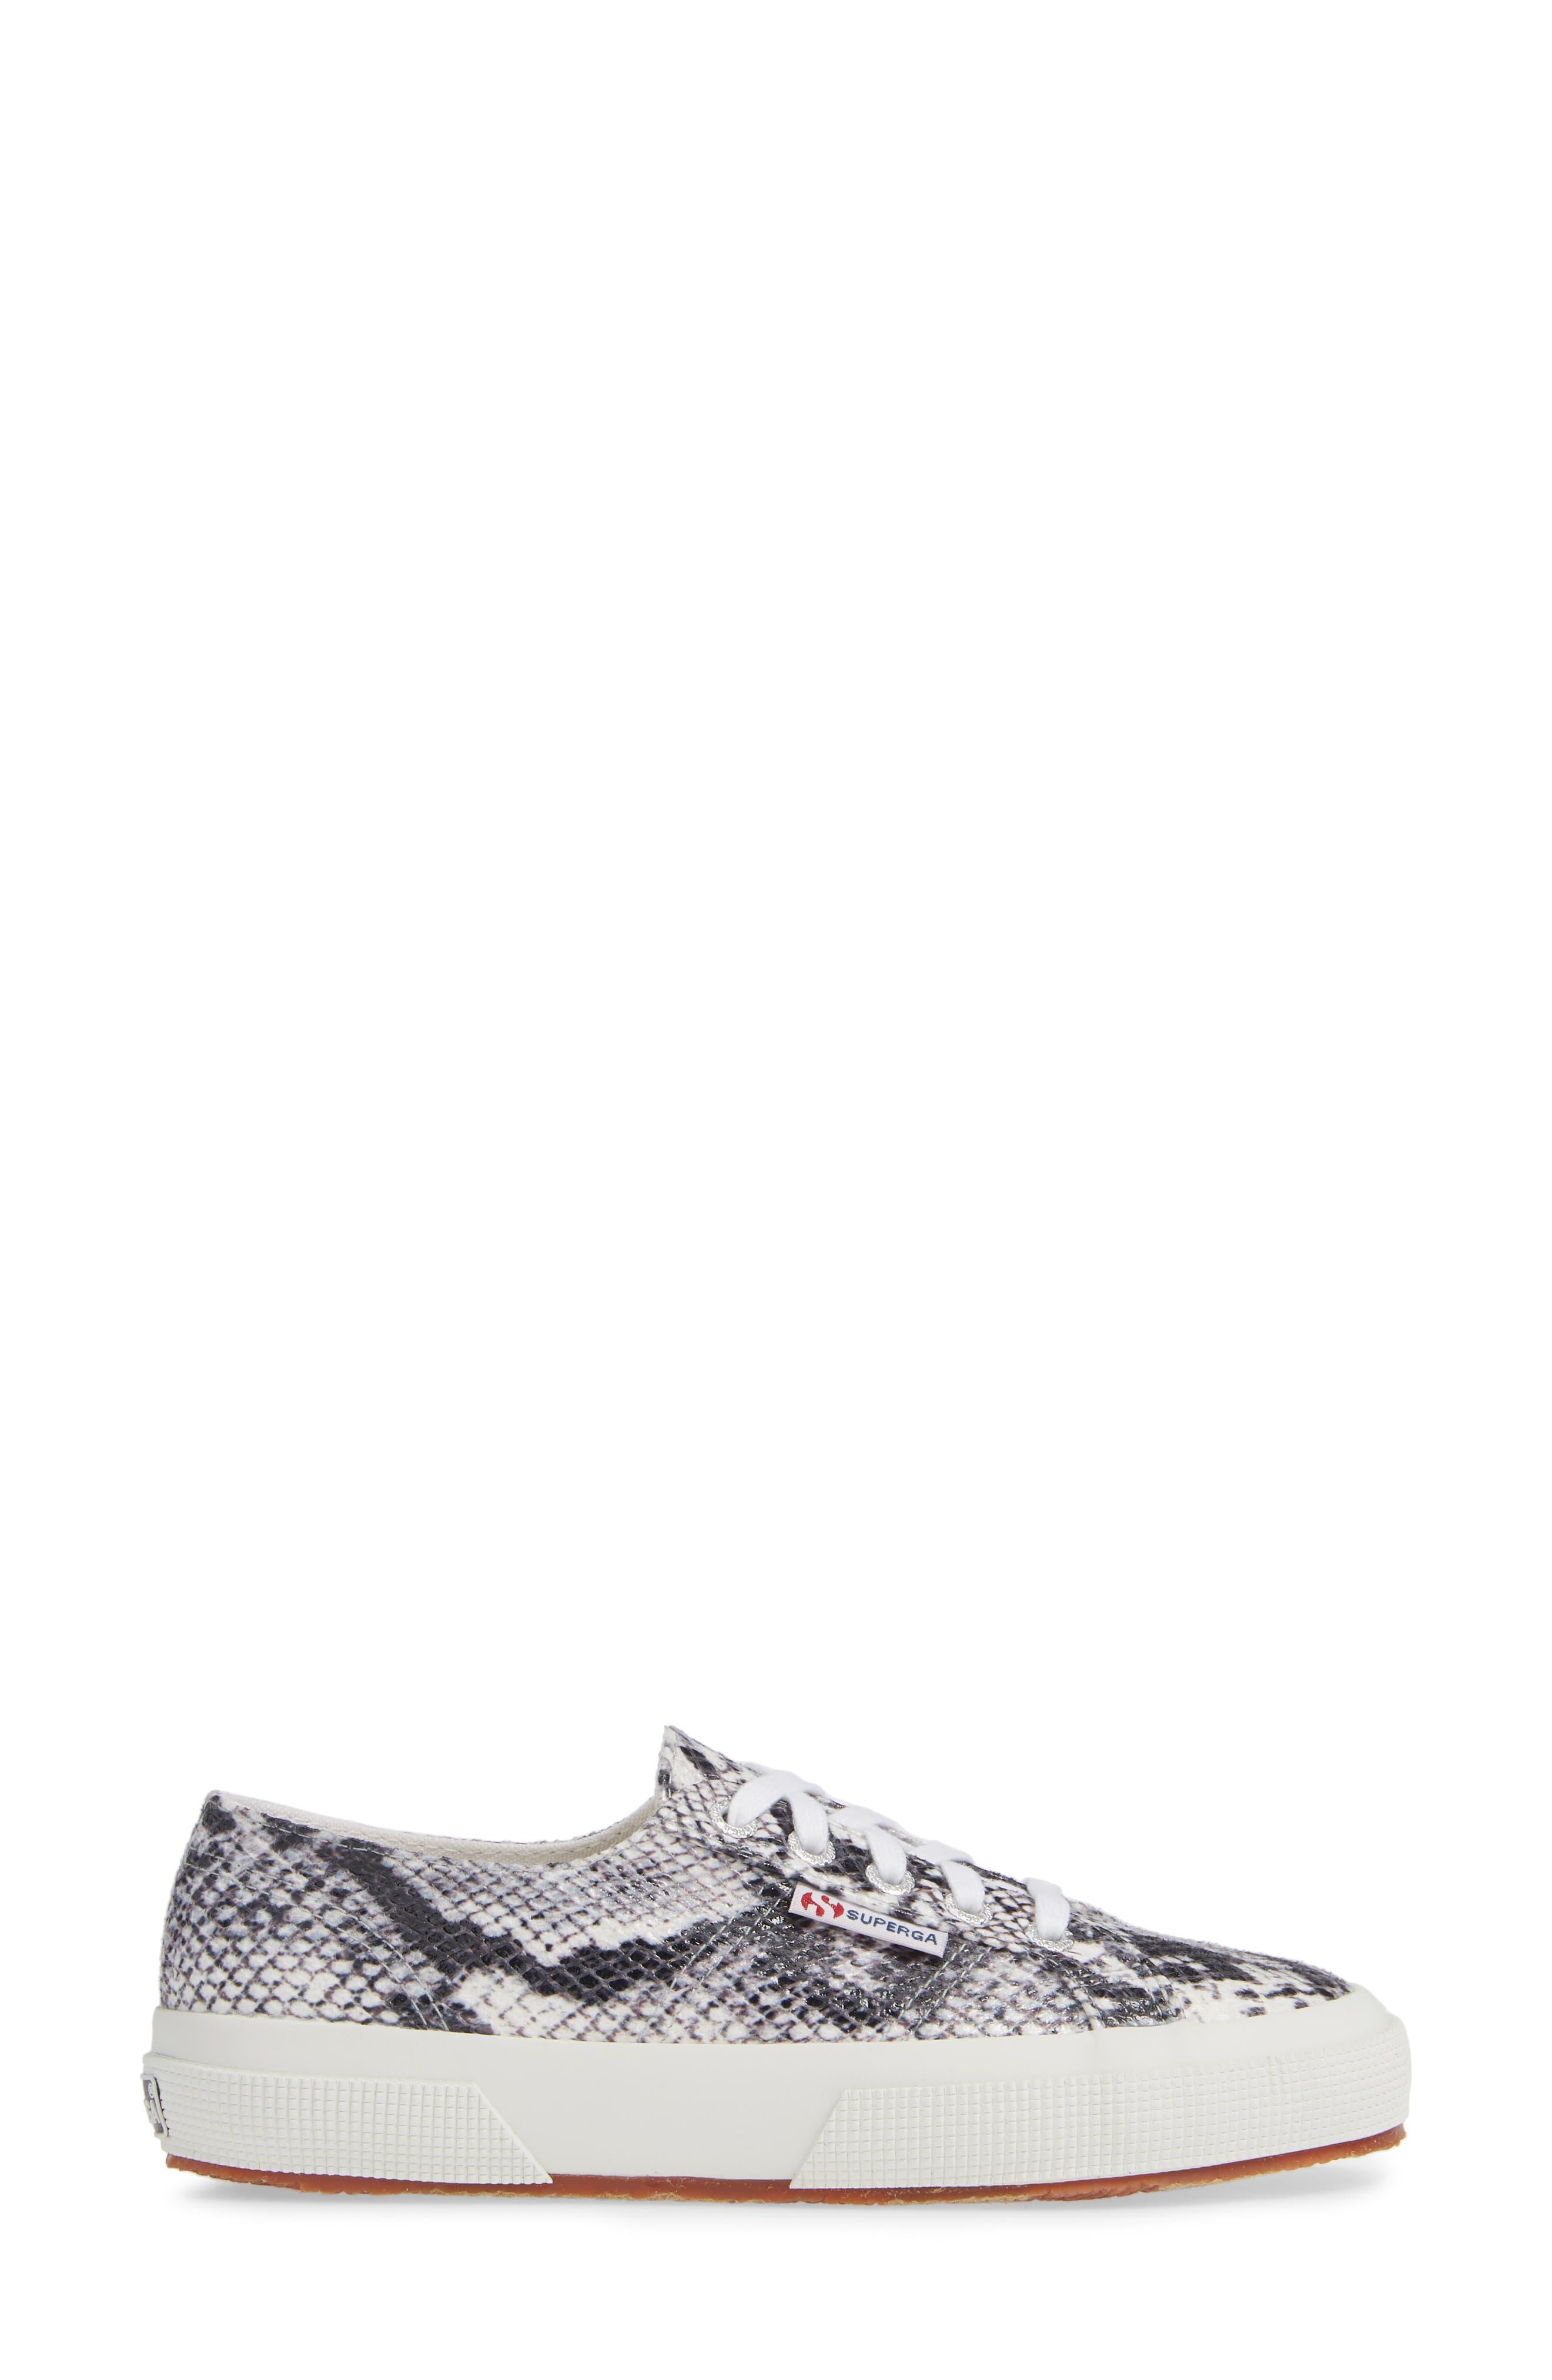 'Cotu' Sneaker,                             Alternate thumbnail 3, color,                             NATURAL SNAKE PRINT